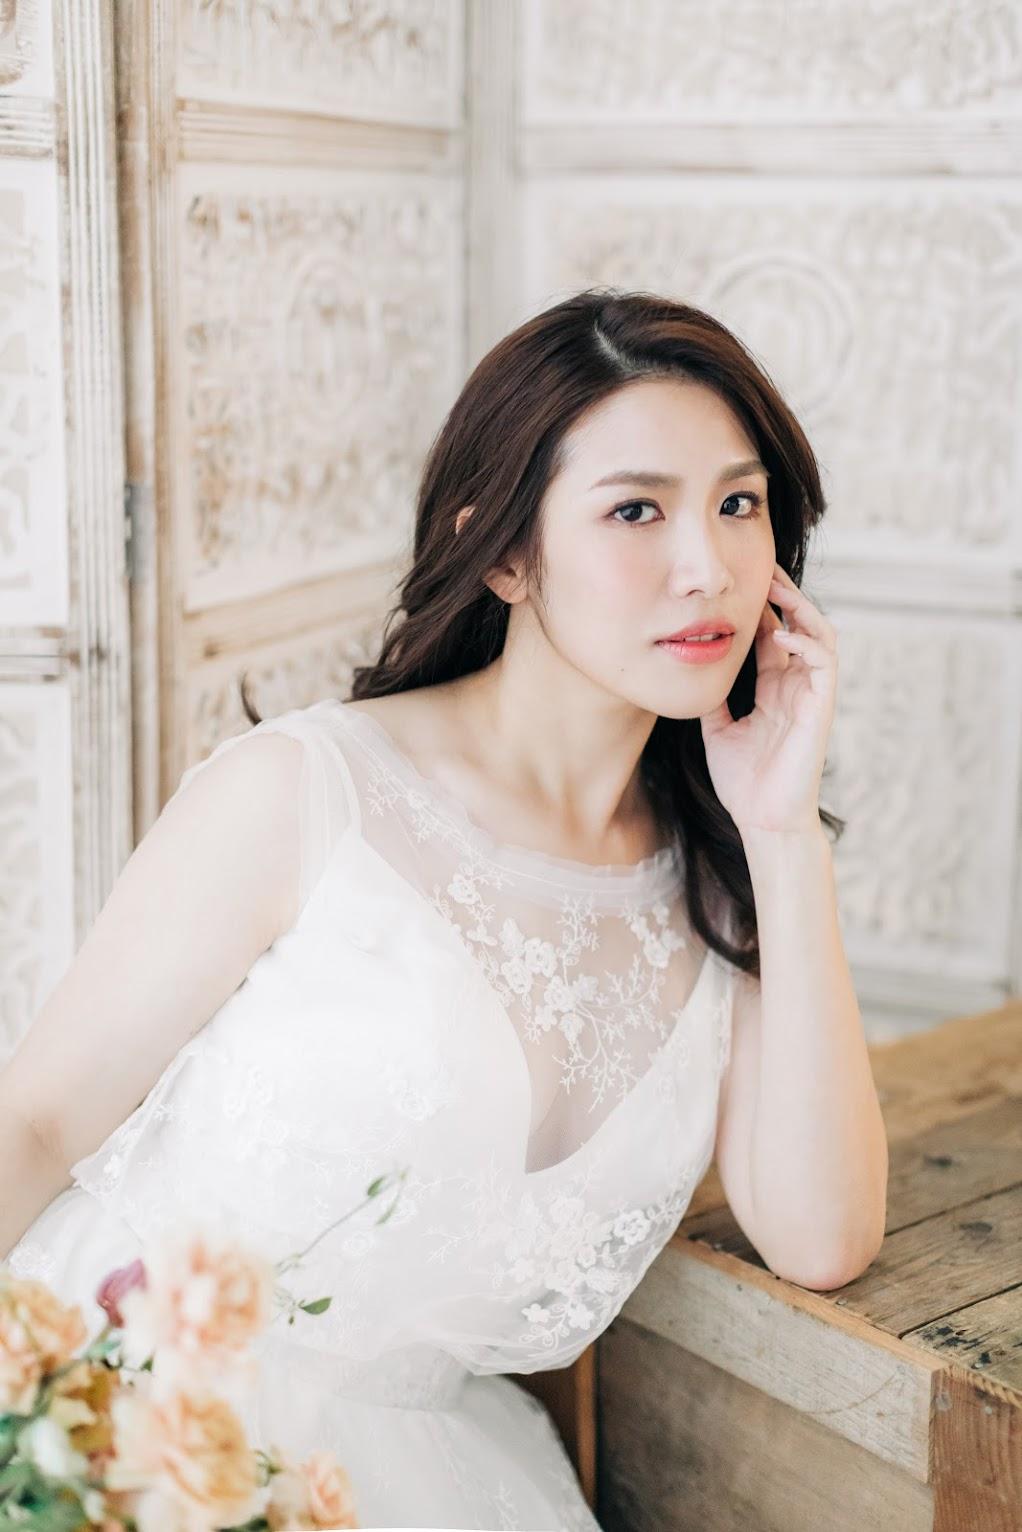 台中美式婚紗和 美式婚禮 的攝影品牌-Amazing Grace Studio攝影美學